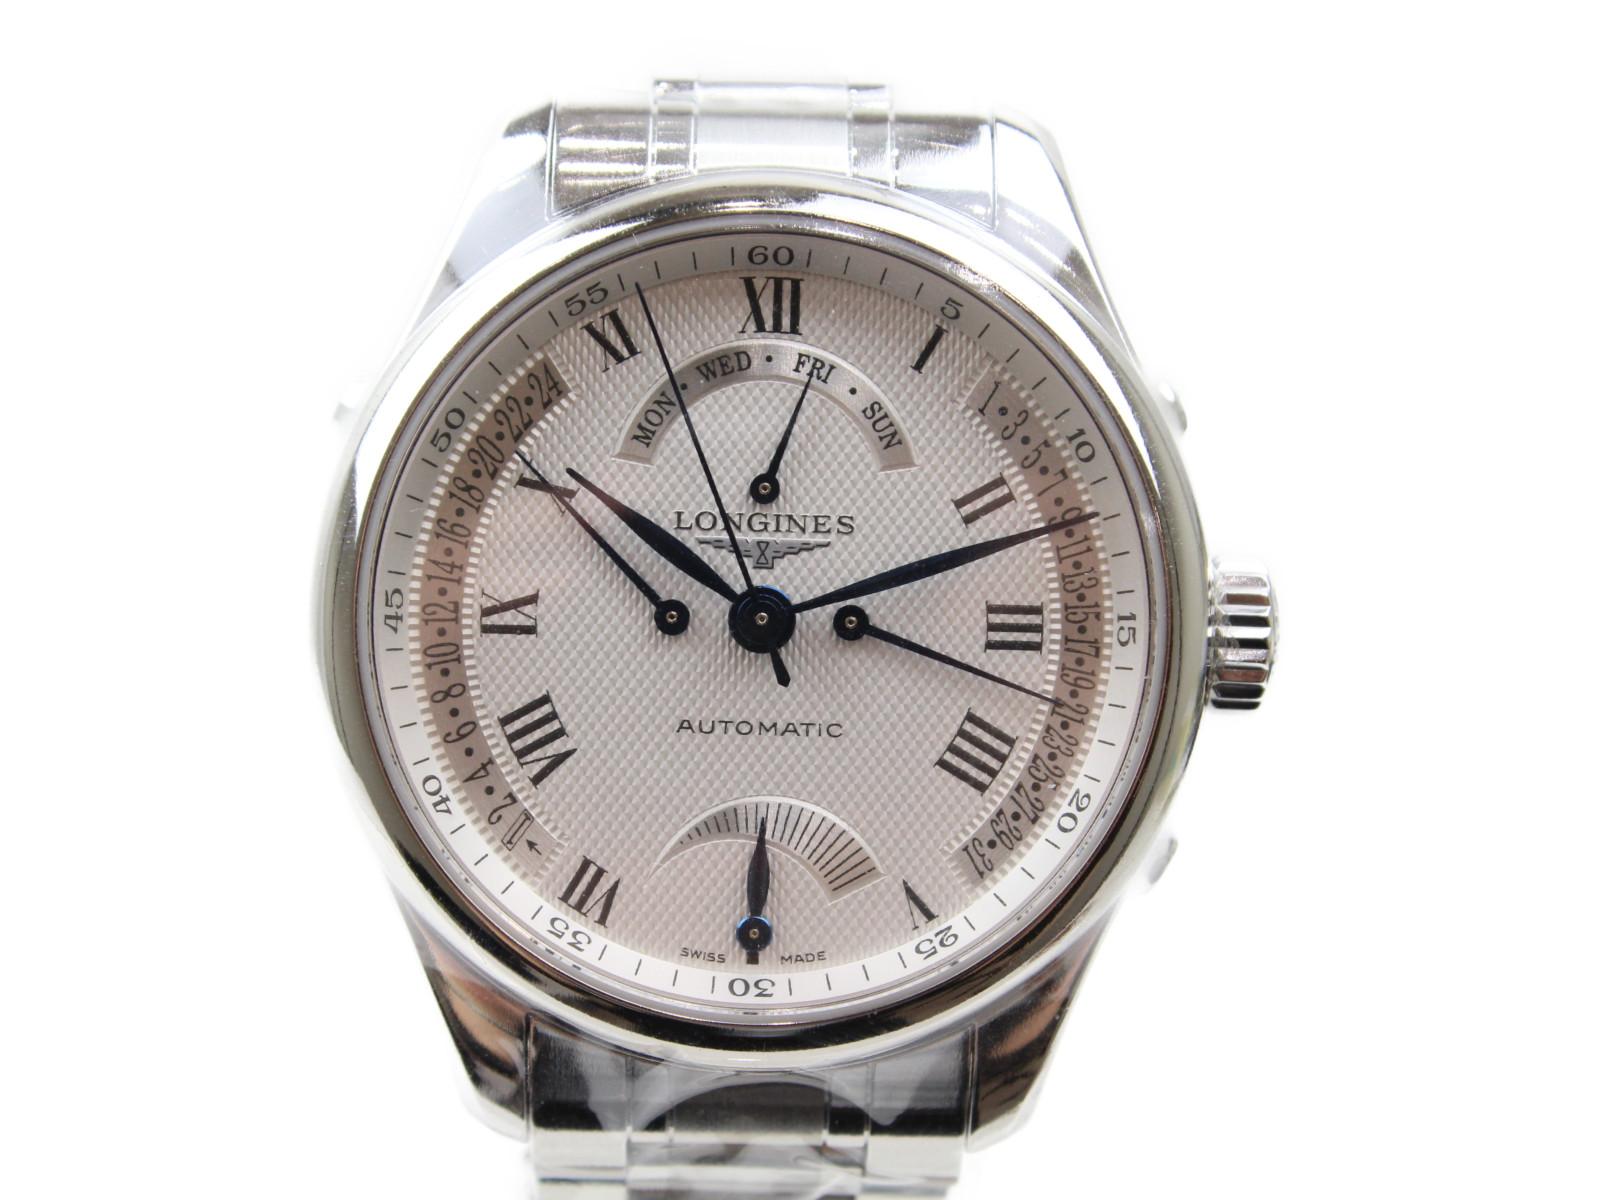 【未使用品】LONGINES ロンジン マスターコレクション L2.714.4.71.6 自動巻き カレンダー SS ステンレススチール シースルーバッグ シルバー メンズ 腕時計【中古】